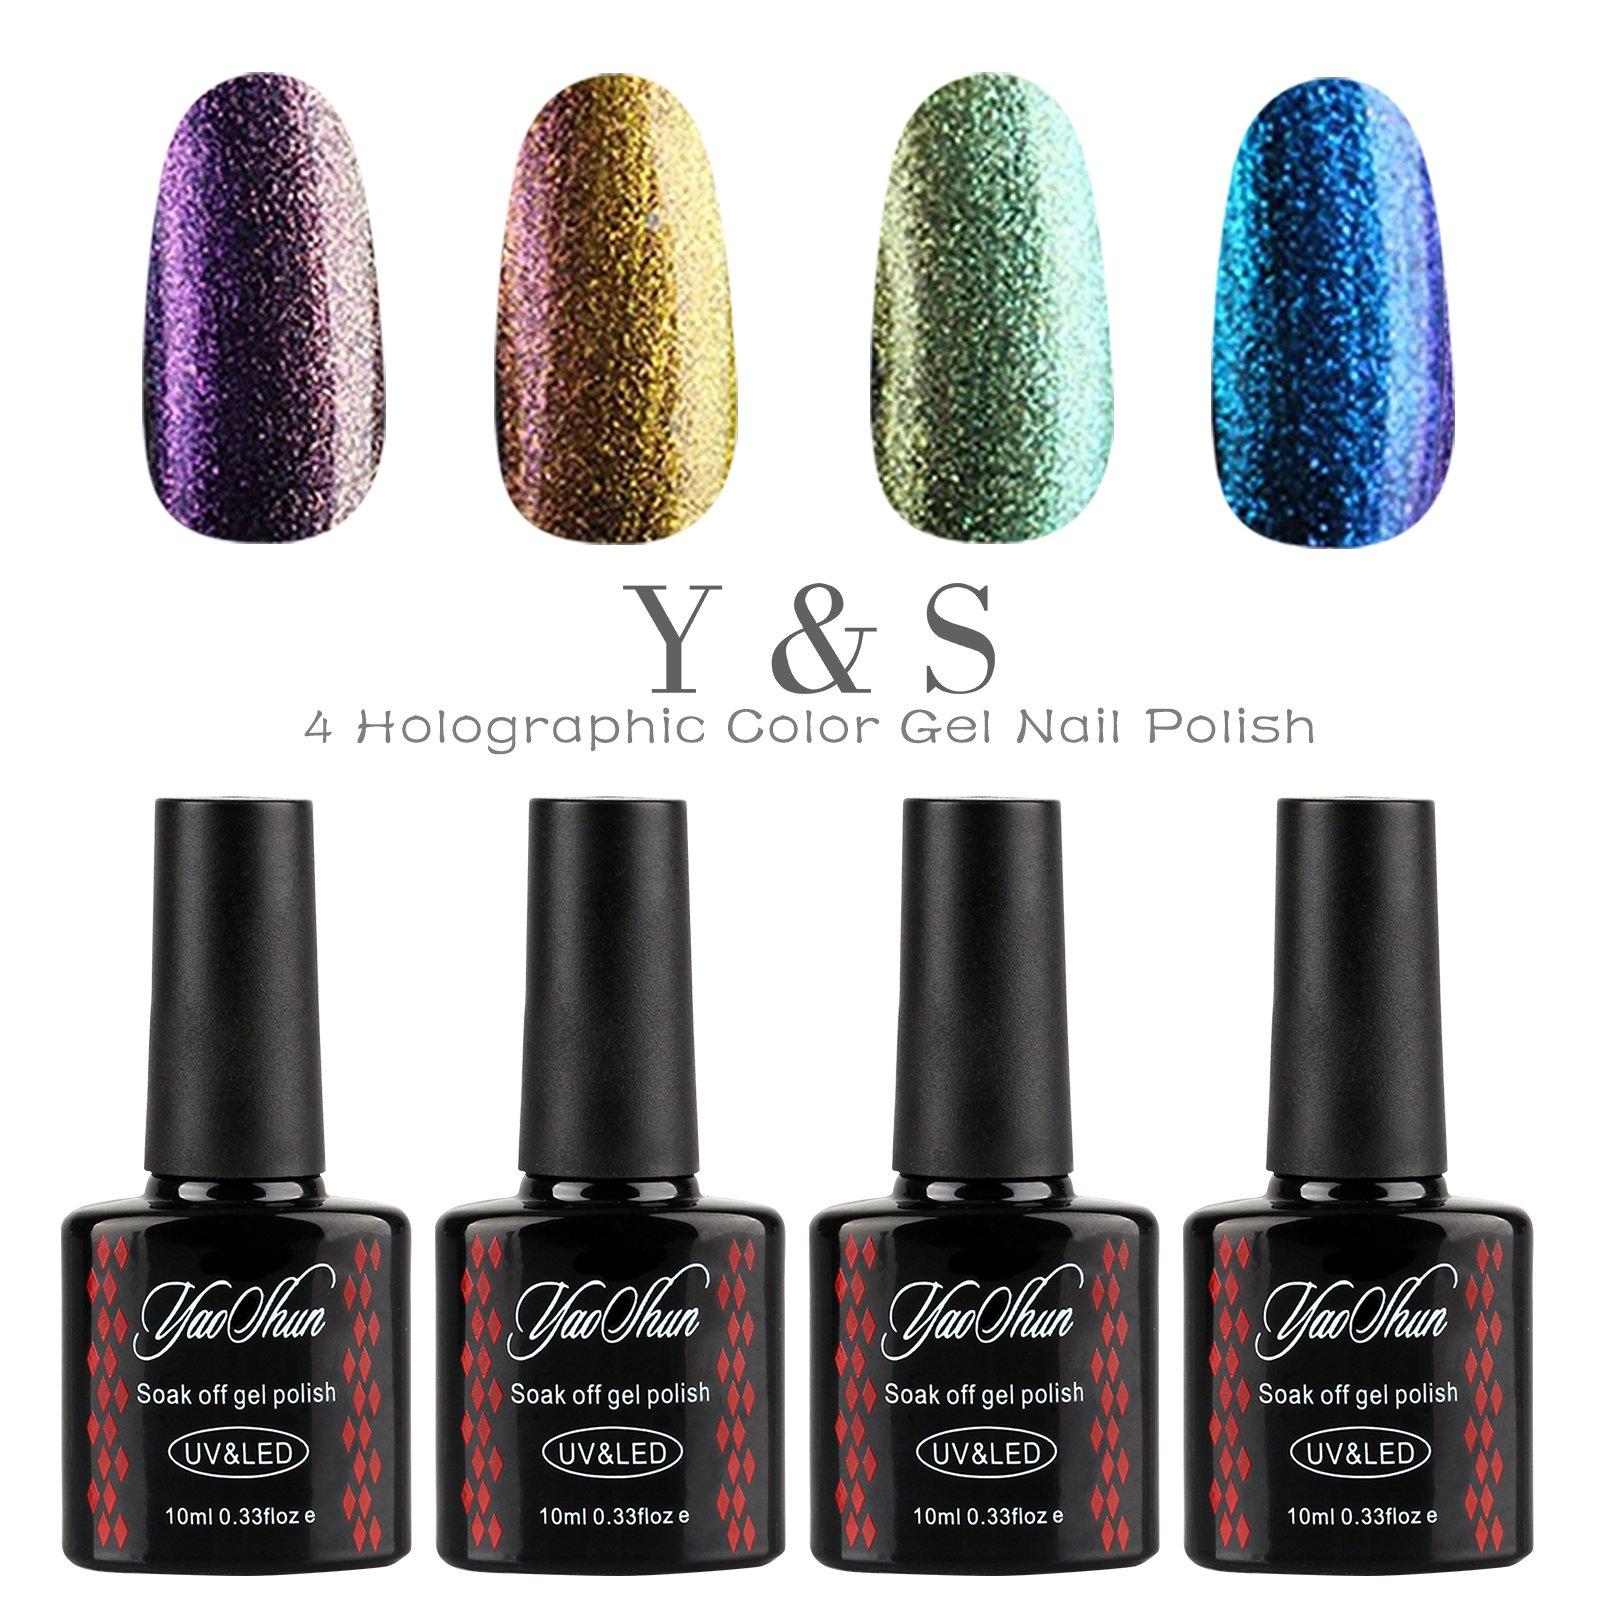 Amazon.com : Y&S Gel Nail Polish, Temperature Color Changing Soak ...